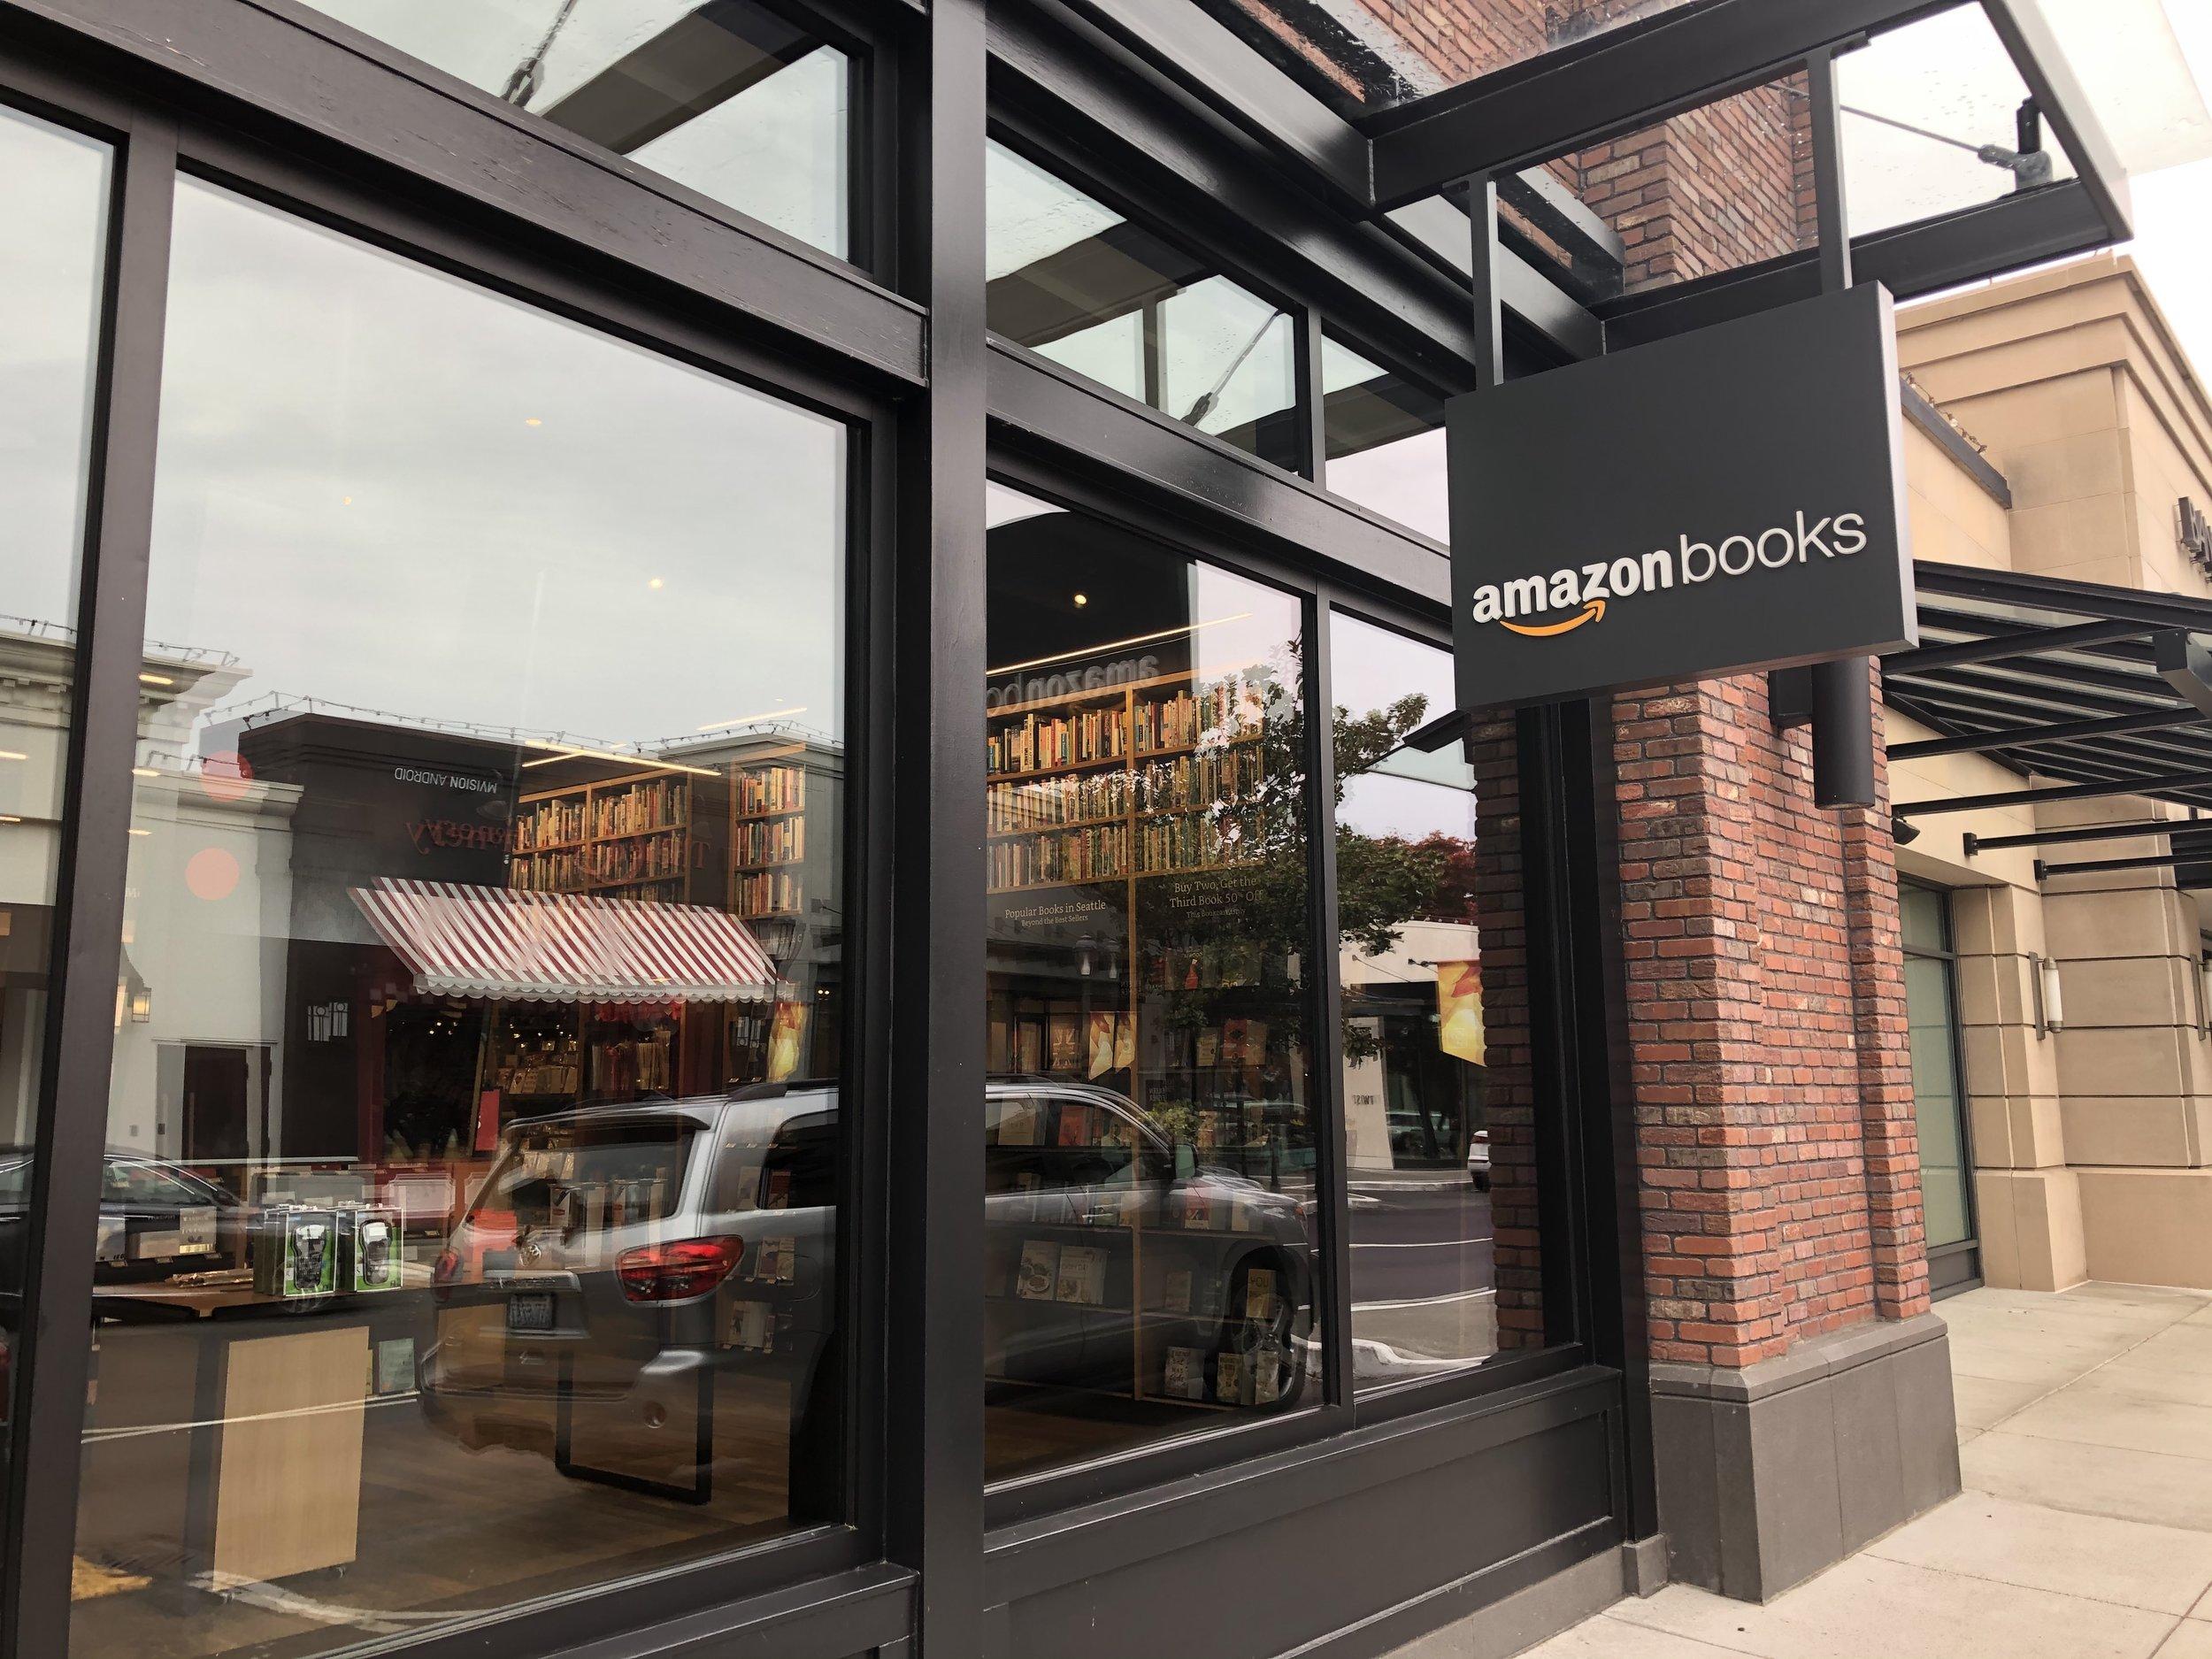 The original Amazon Books store in Seattle.